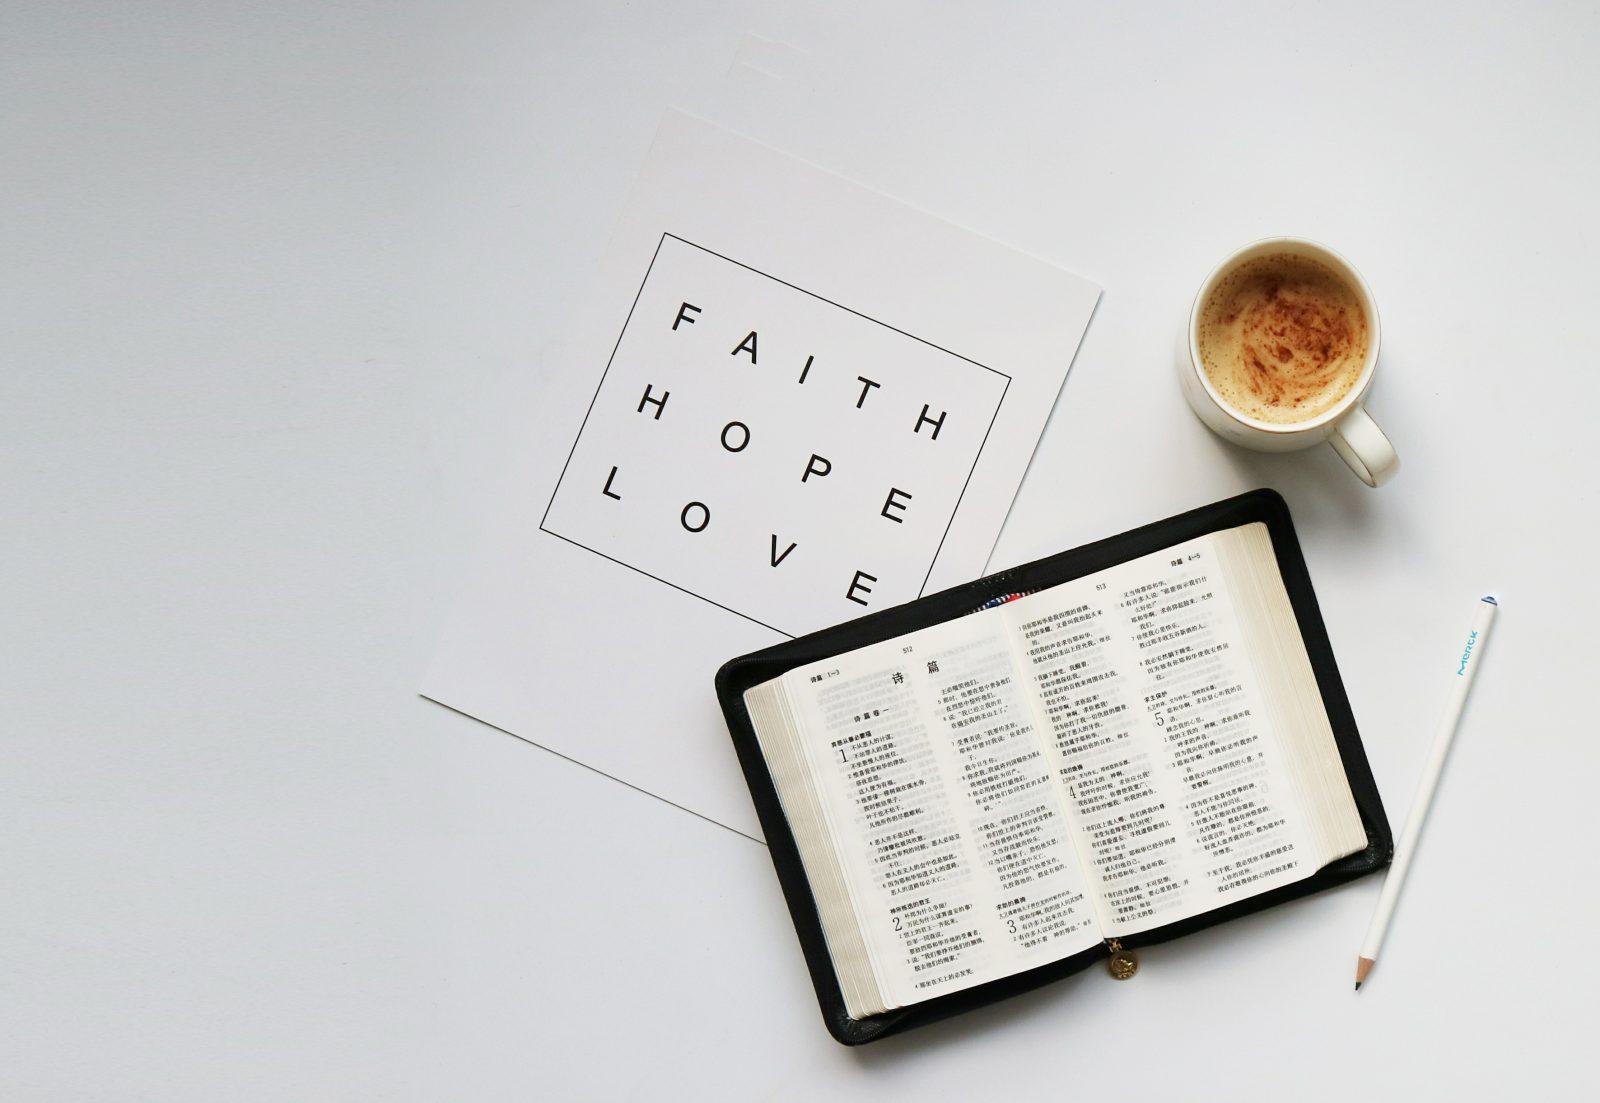 Reflexiones Pastorales: La Paz no se espera, se busca (Salmo 34:14) Pastor Samuel Esquilín